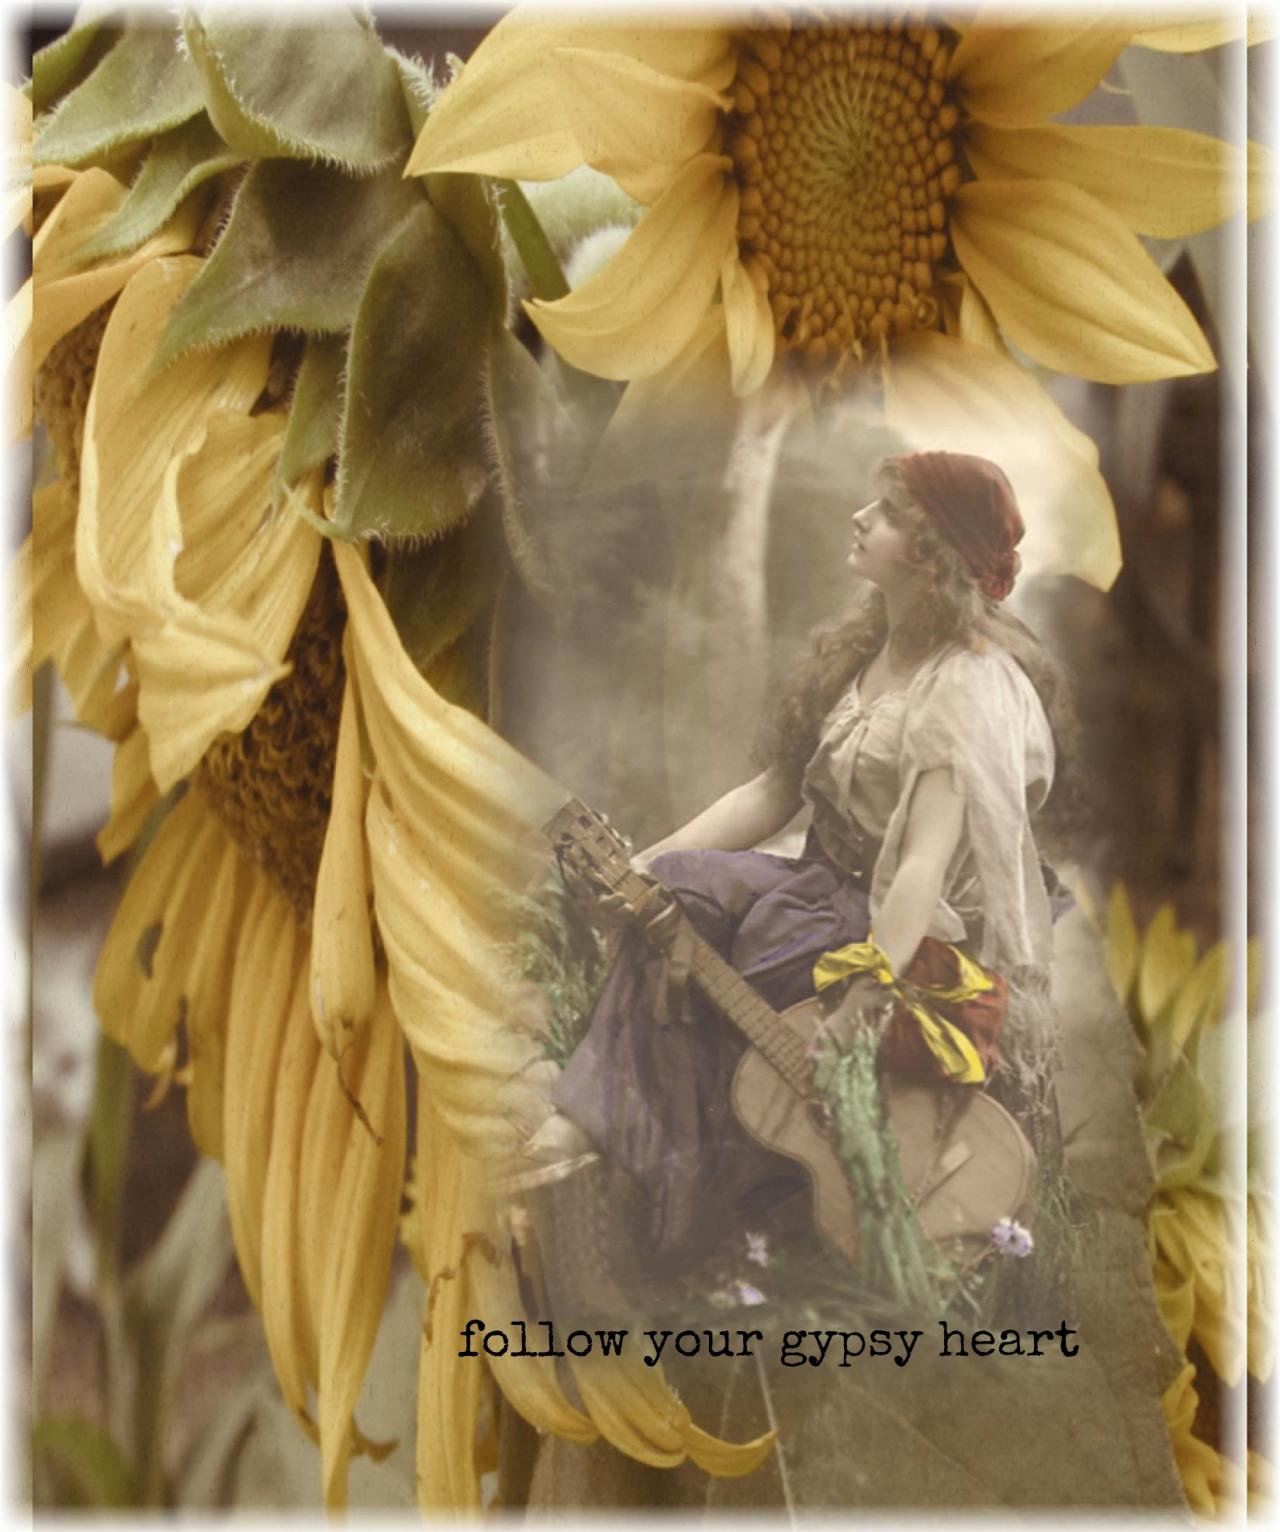 gypsy heart card 1